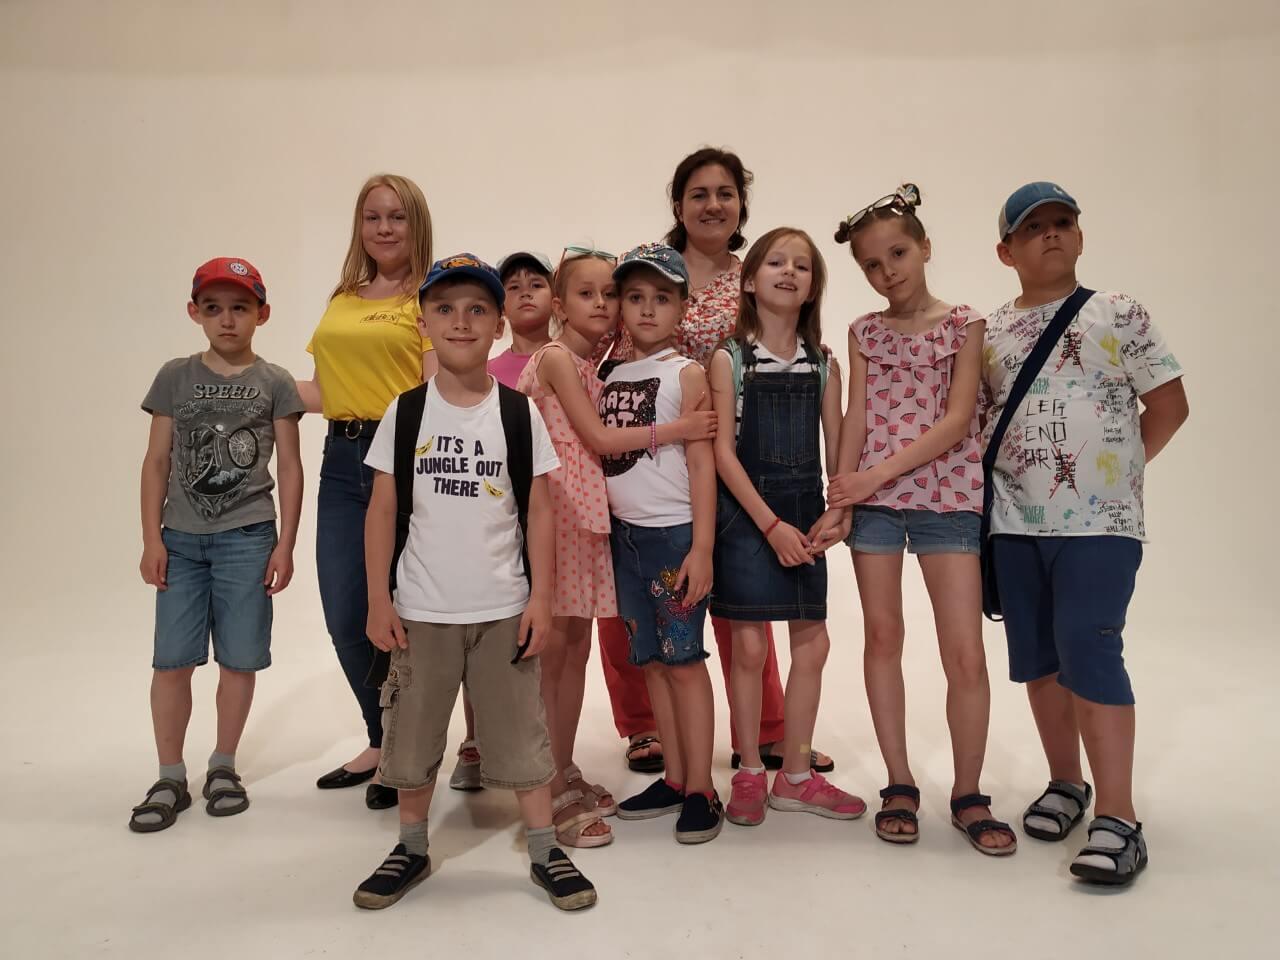 Фото детей лагерь БИГ БЕН на экскурсии